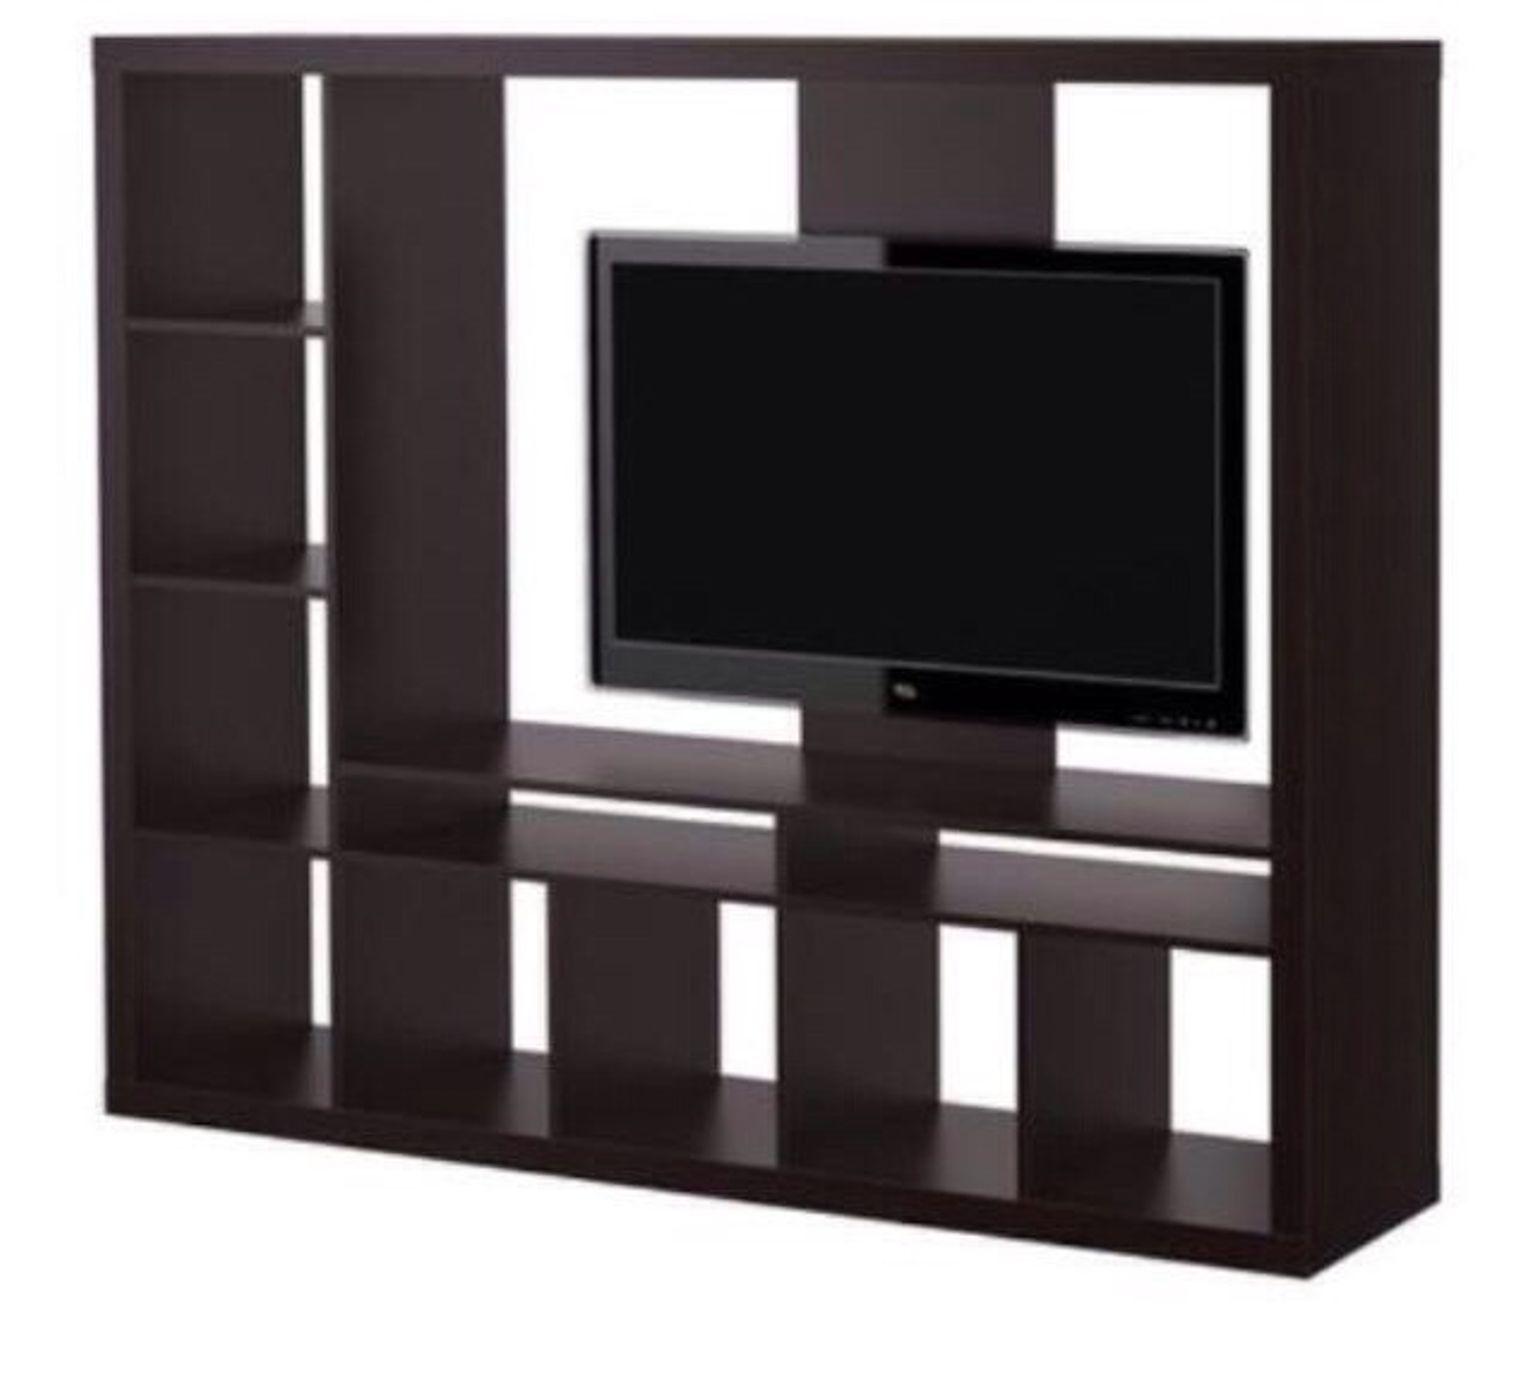 Full Size of Raumteiler Ikea Miniküche Betten Bei Sofa Mit Schlaffunktion Modulküche Küche Kosten Regal 160x200 Kaufen Wohnzimmer Raumteiler Ikea